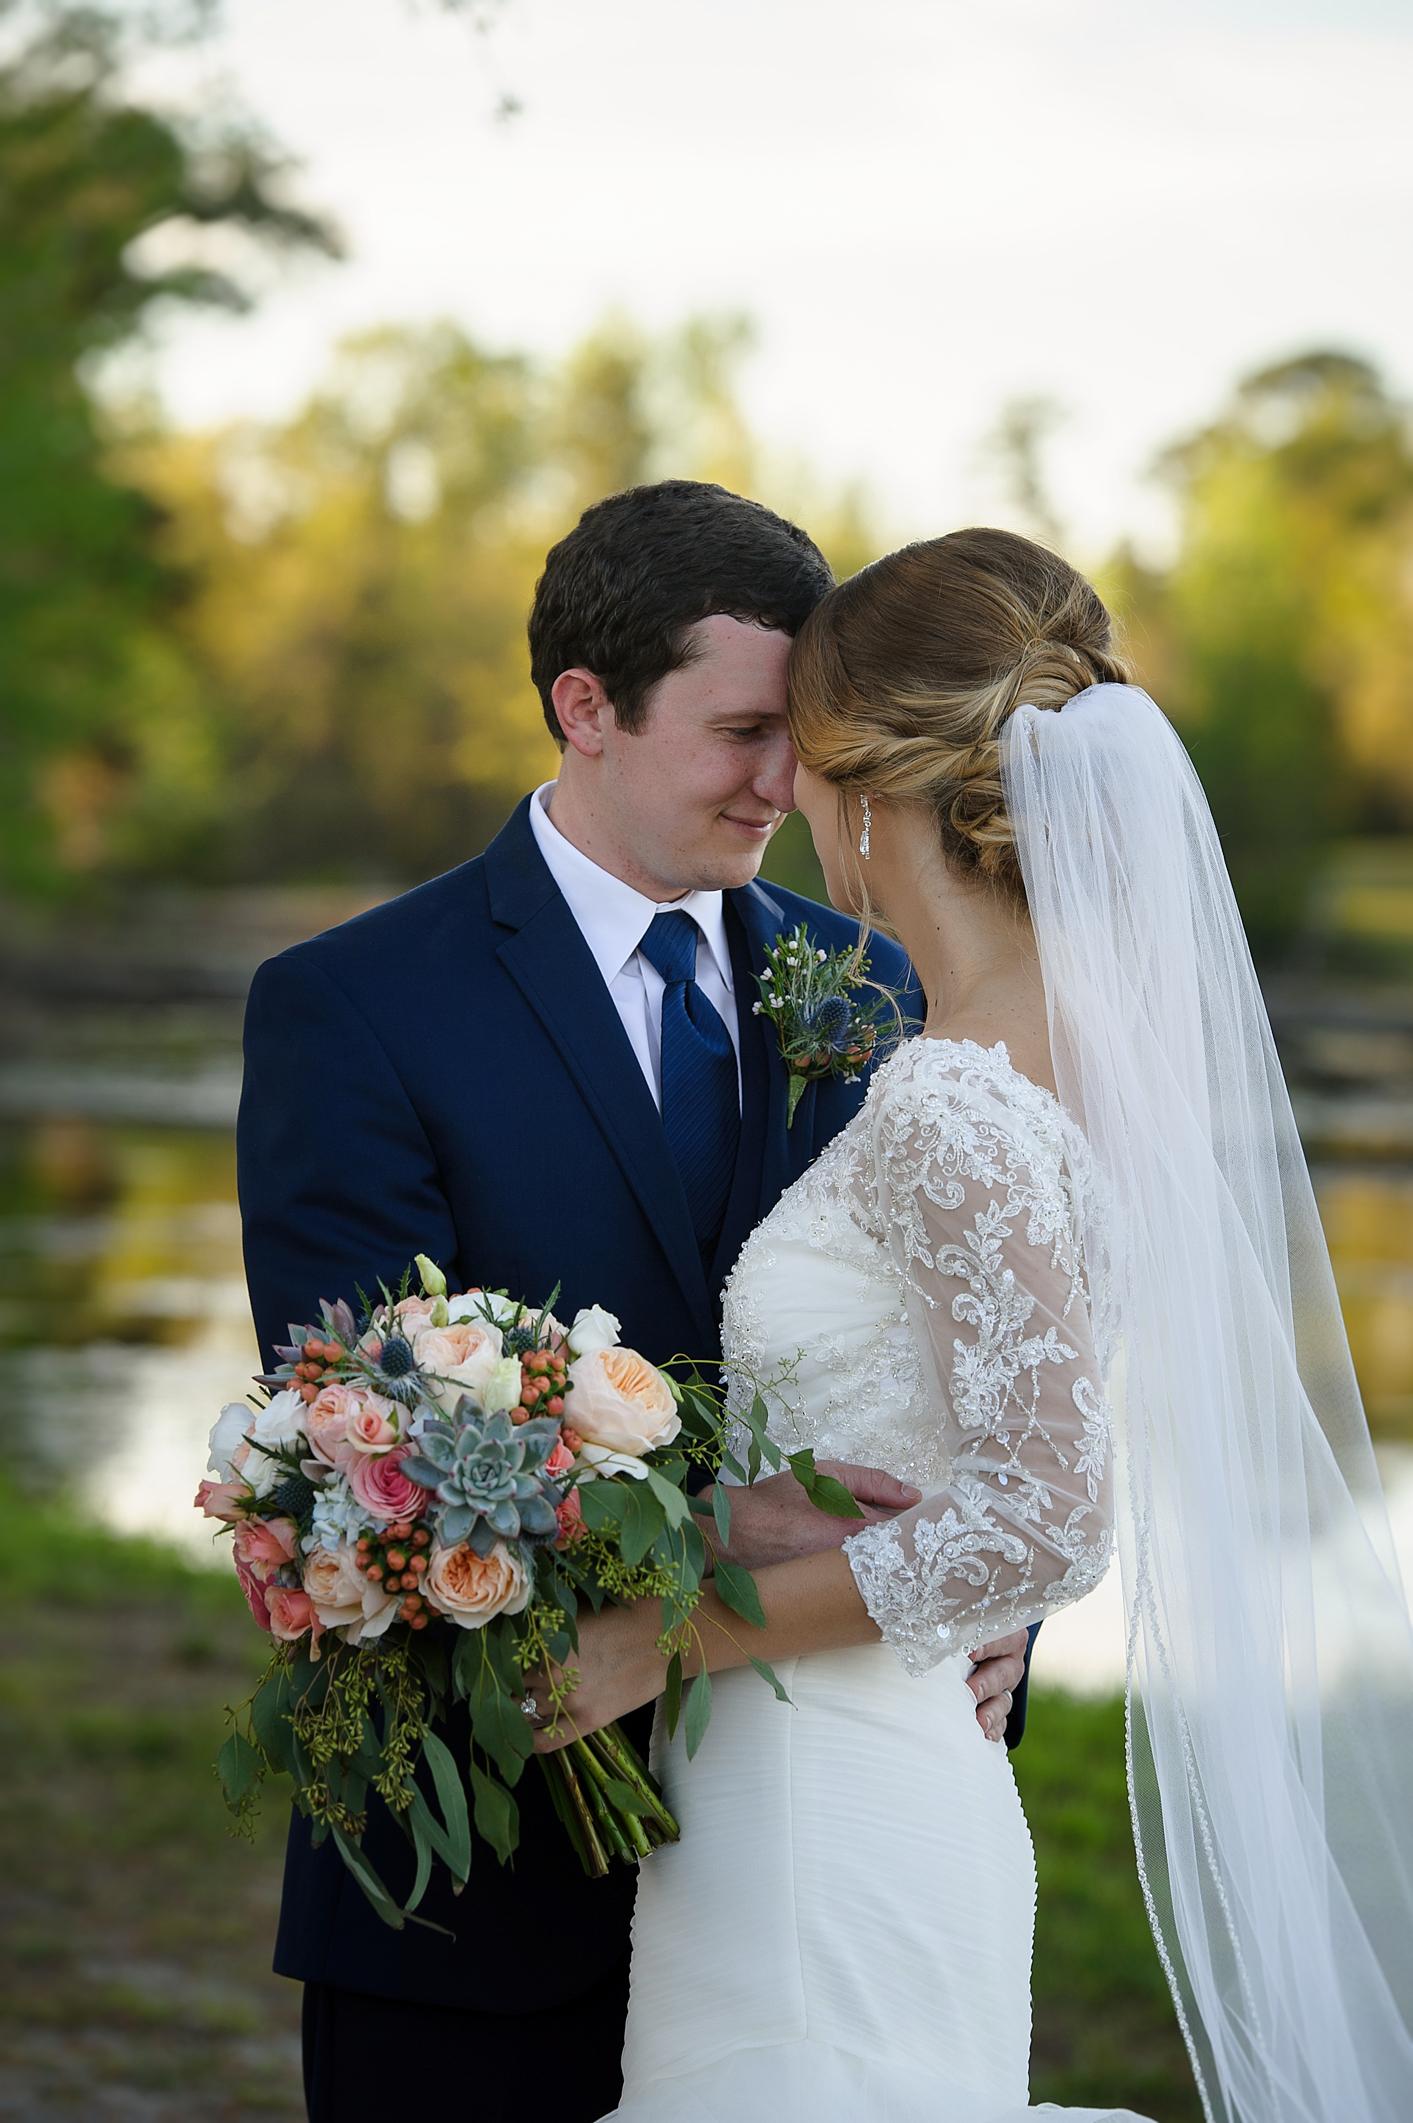 BRIDE AND GROOM PHOTOS-5.JPG